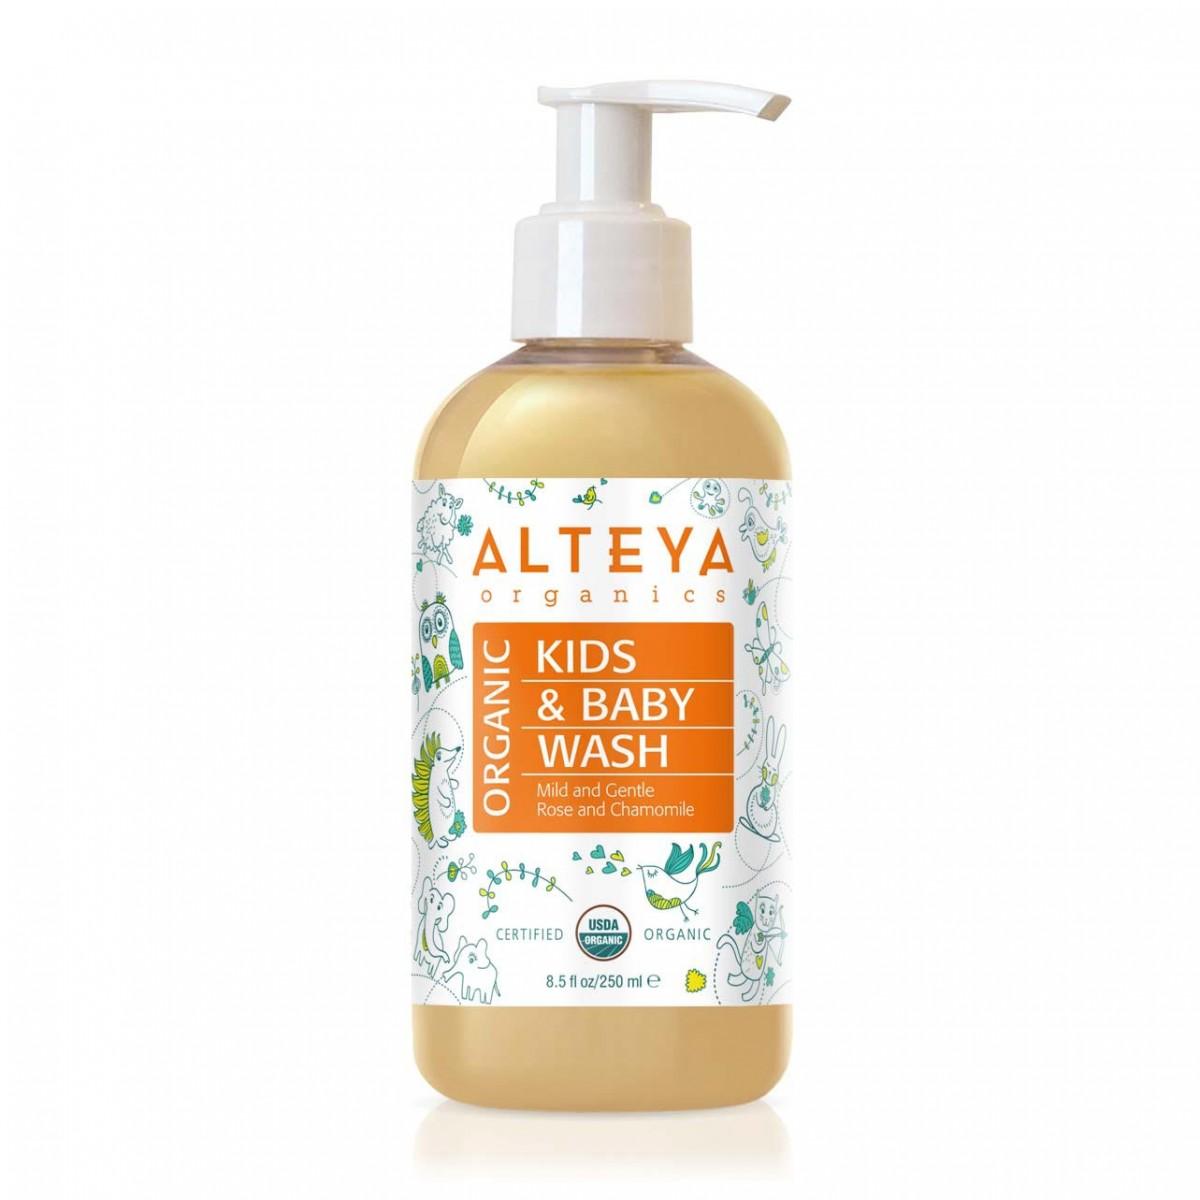 Био органичен бебешки течен сапун Alteya Organics 250 мл.